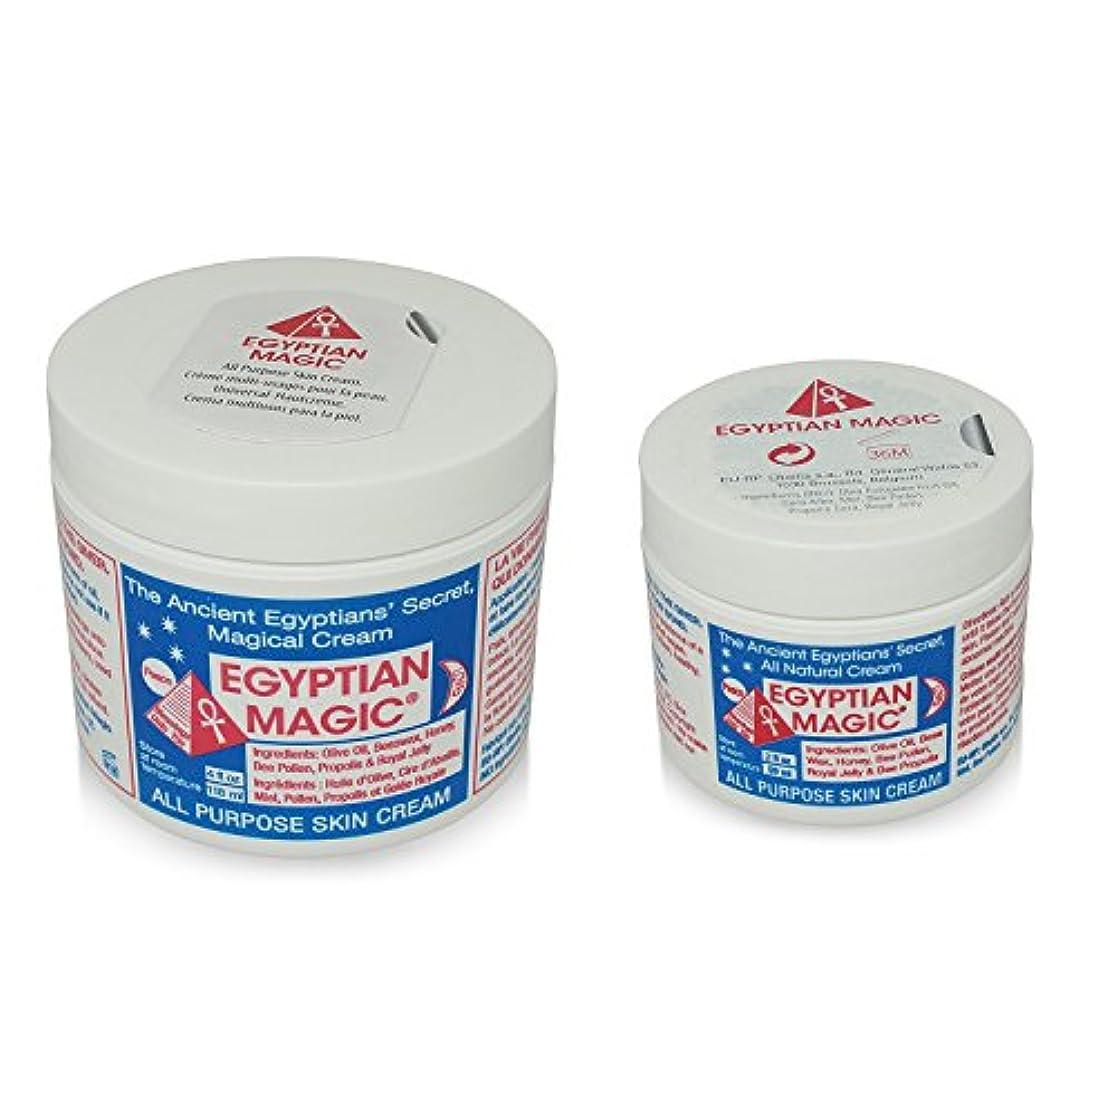 曲げる請う一次Egyptian Magic Skin Cream エジプシャンマジッククリーム  (118ml)と(59ml)の2個セット